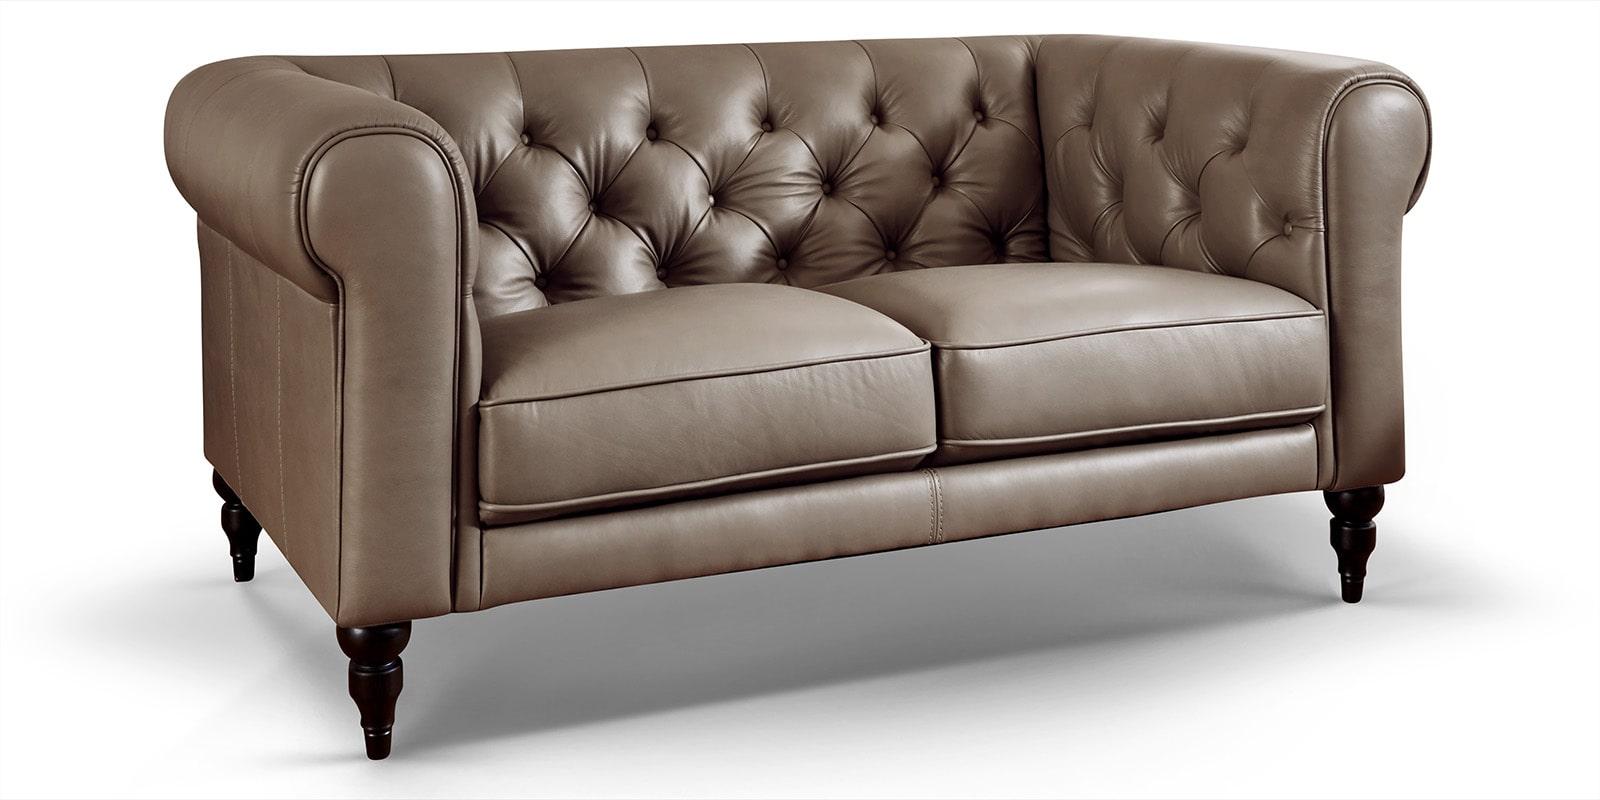 Moebella24 - 2-Sitzer - Sofa - Hudson - Chesterfield - Leder - Taupe - Dekorative - Nähte - und - Versteppungen - Barock-Design - Füße - Detailaufnahme